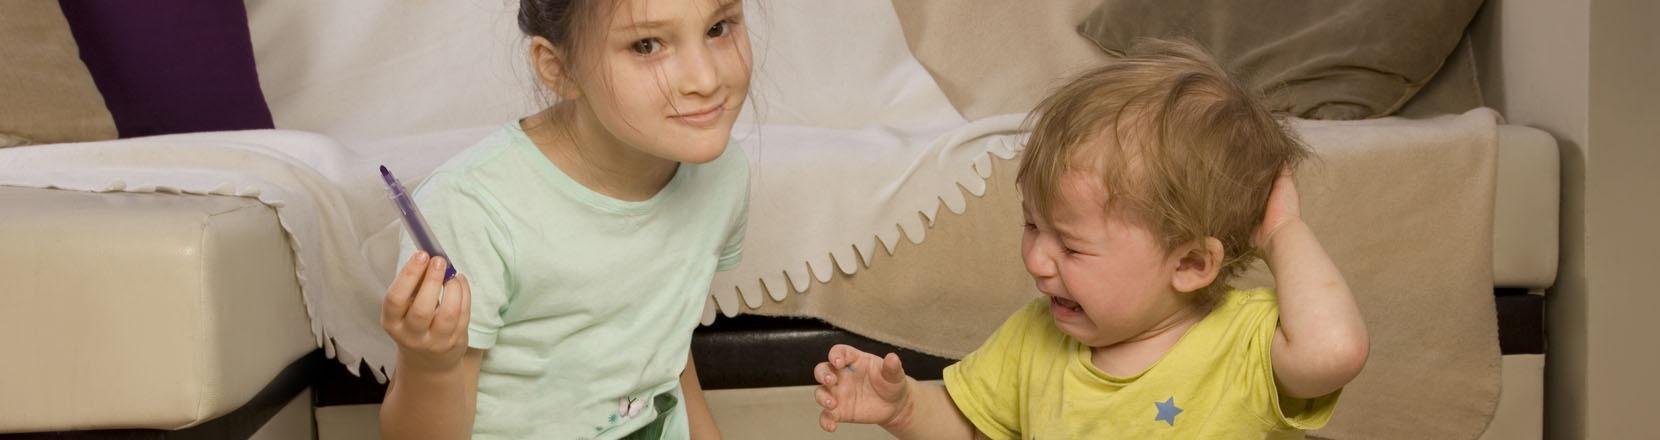 Litigano appena non ci sei: la sorella più grande ha tolto un gioco al più piccolo che ora piange